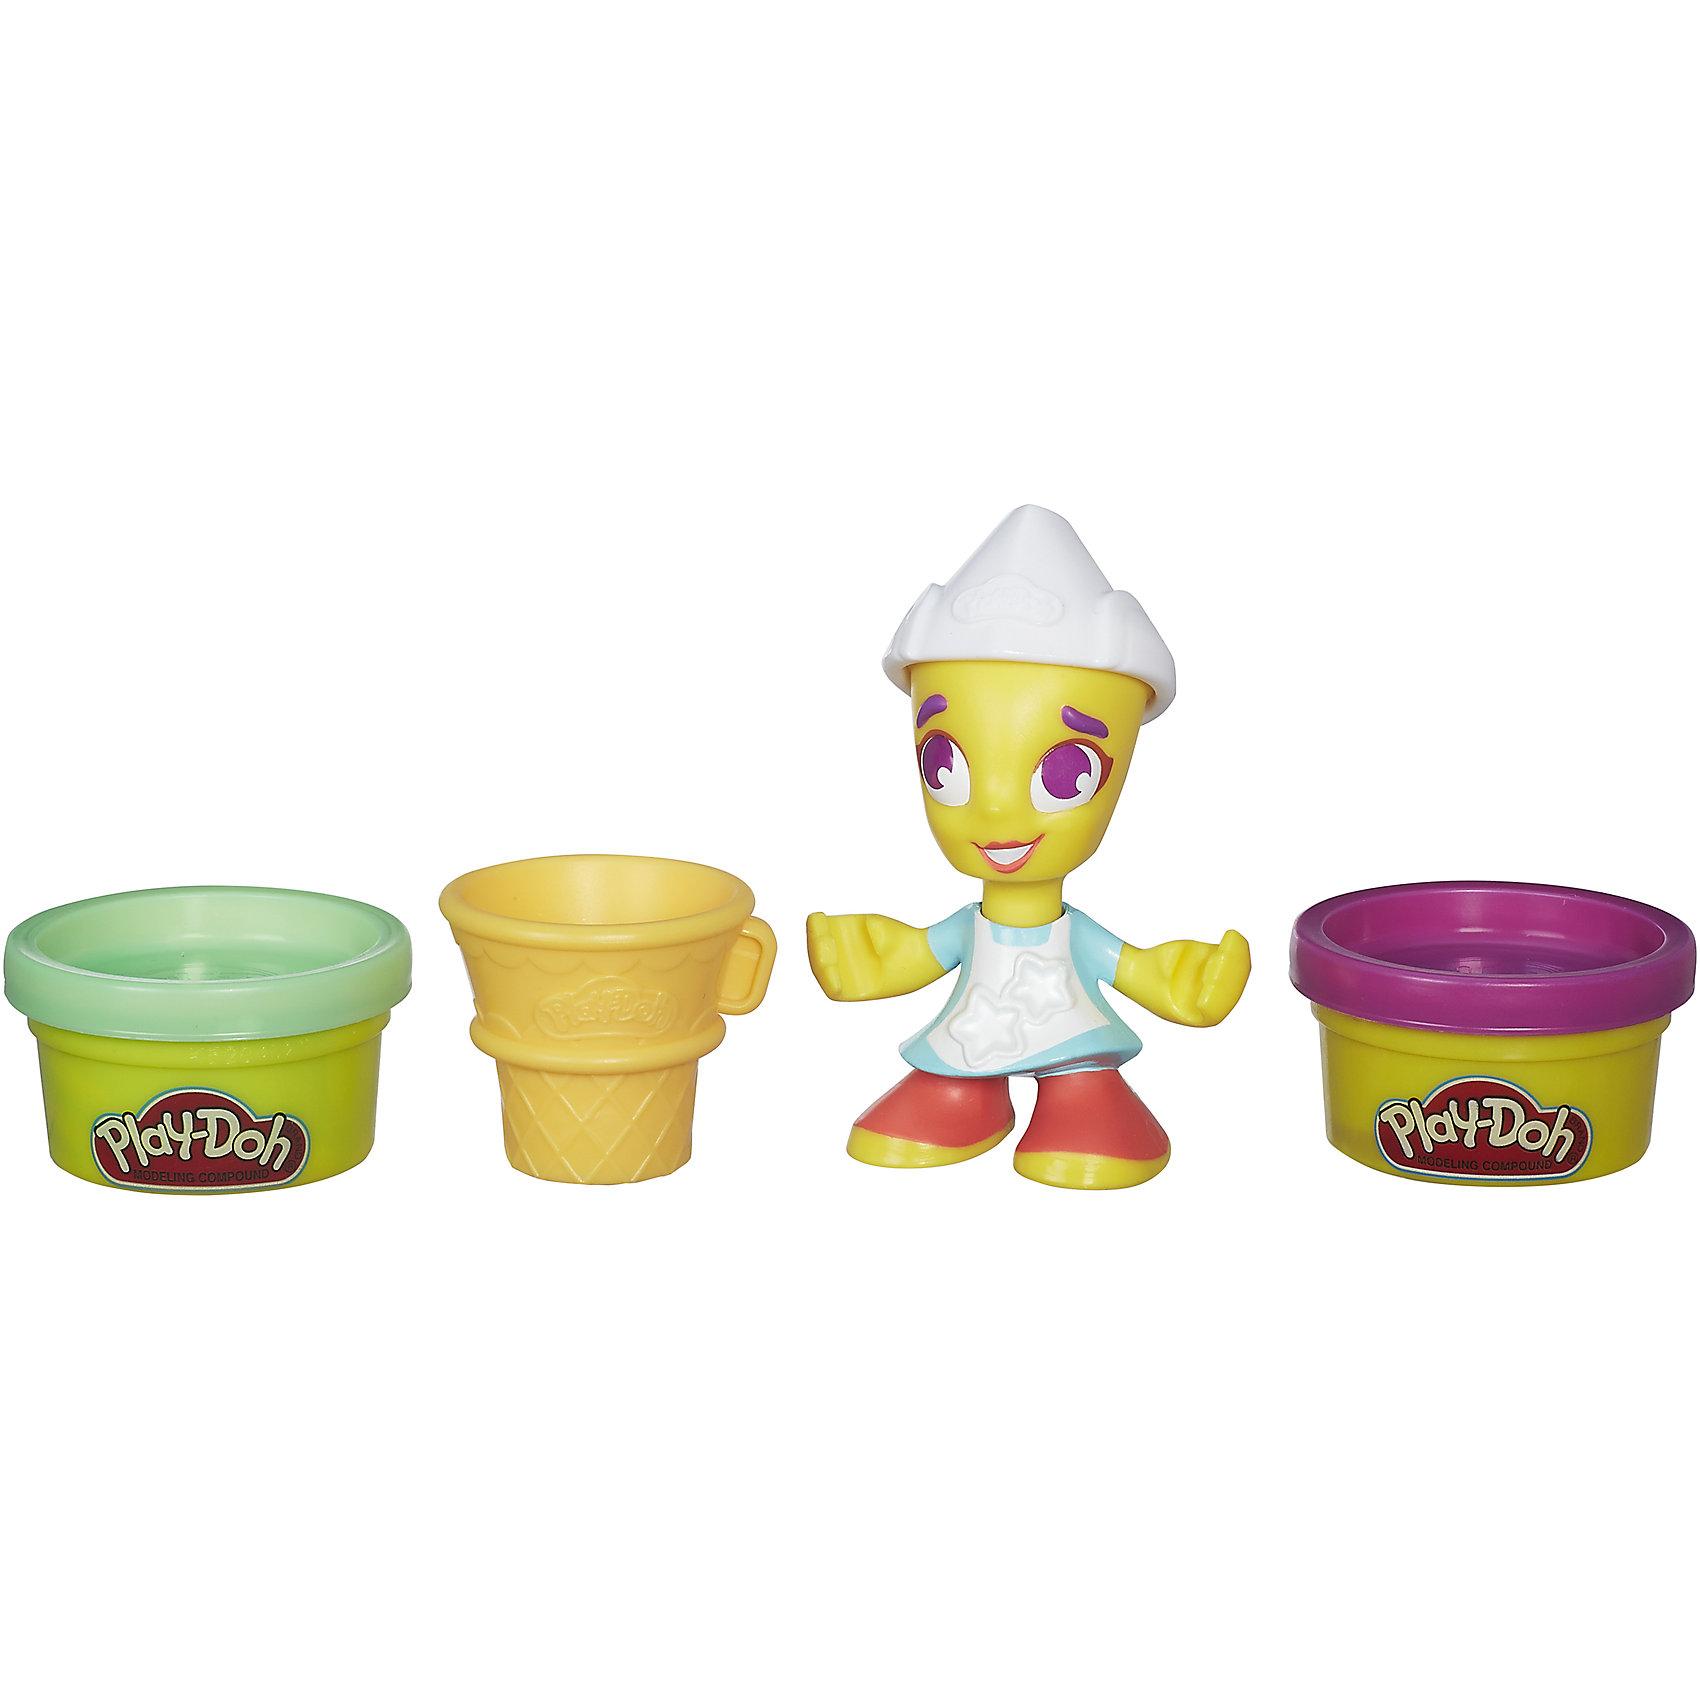 Hasbro Игровой набор Фигурки, Город, Play-Doh, B5960/B5978 hasbro игровой набор магазинчик домашних питомцев play doh город